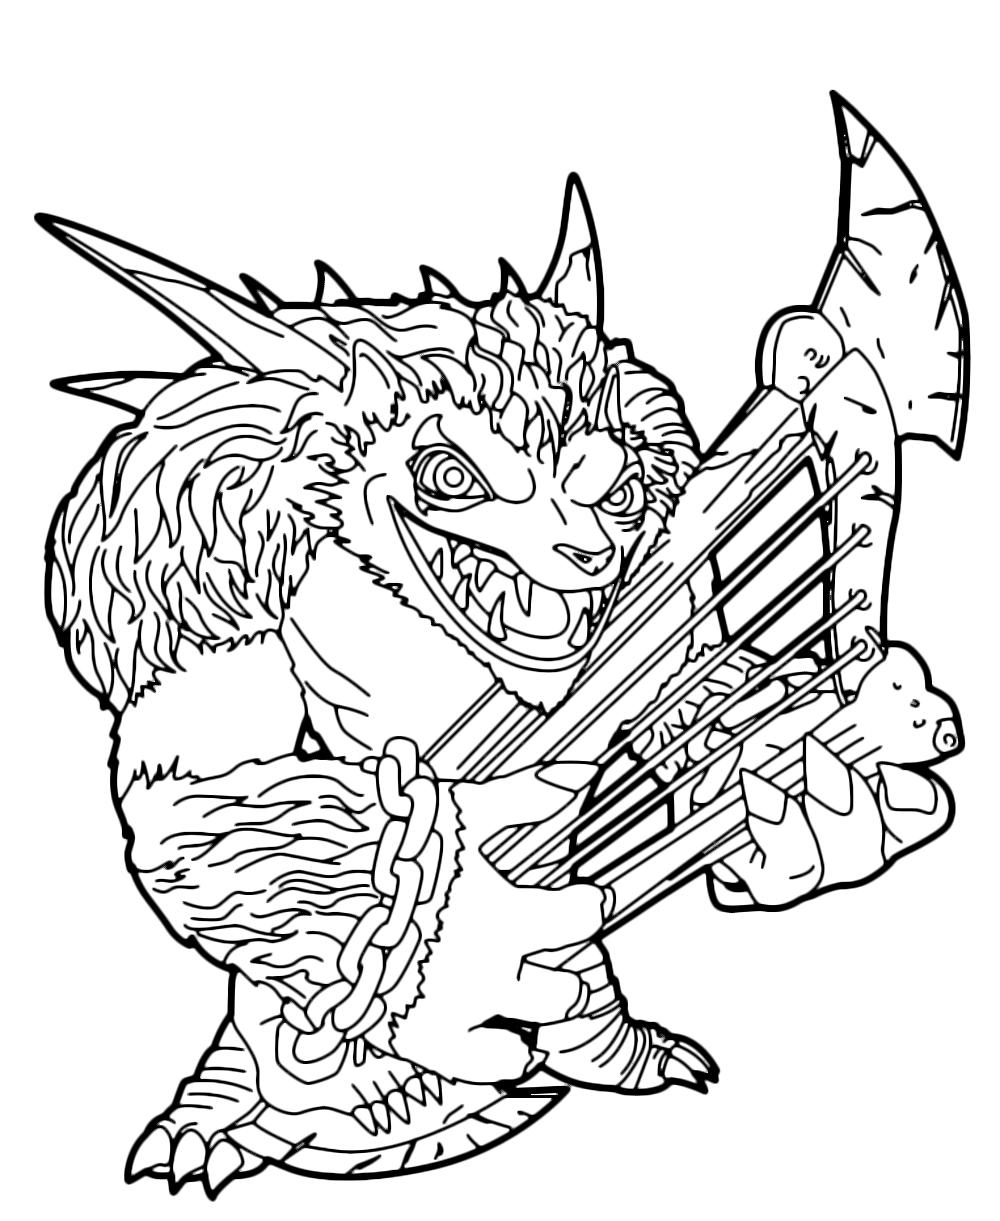 Skylanders trap team wolfgang coloring pages coloring page for Skylanders printable coloring pages